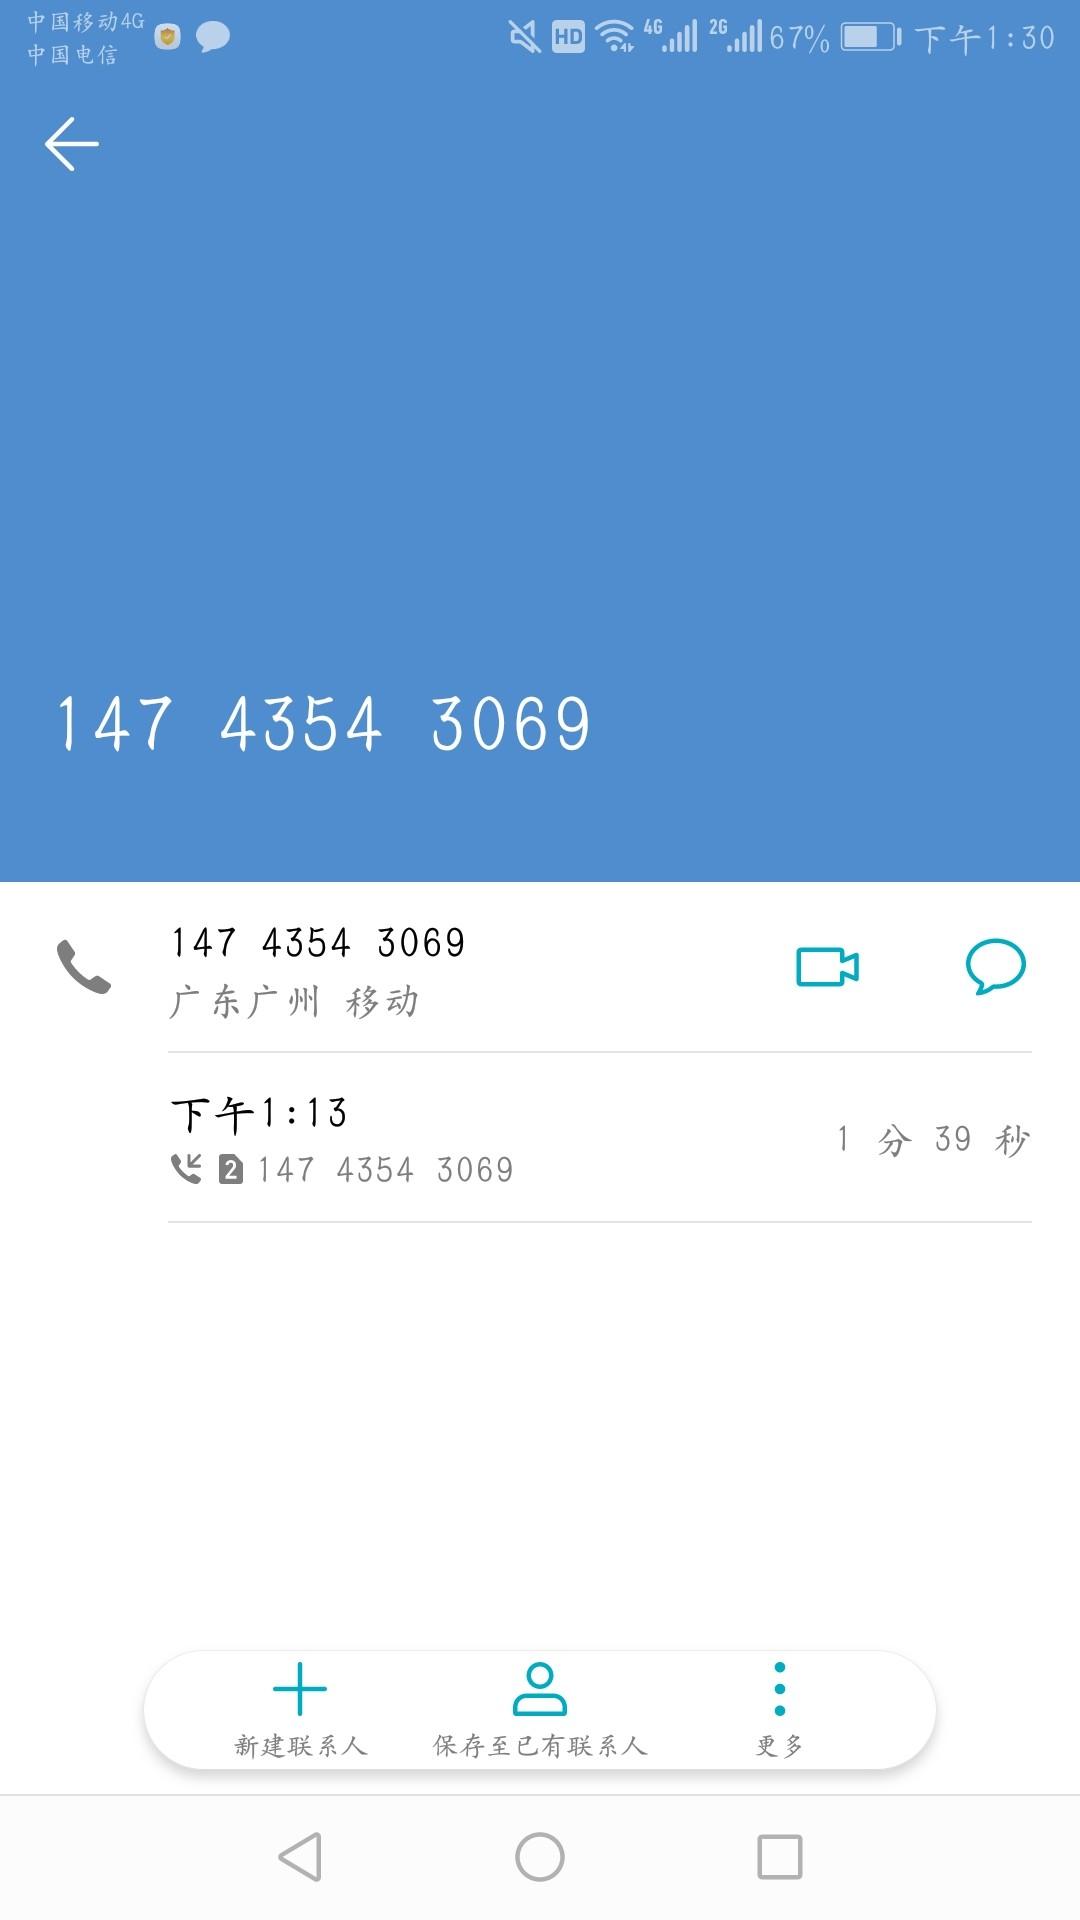 6014710b6765cae4245db3e9d1ca9286.jpg